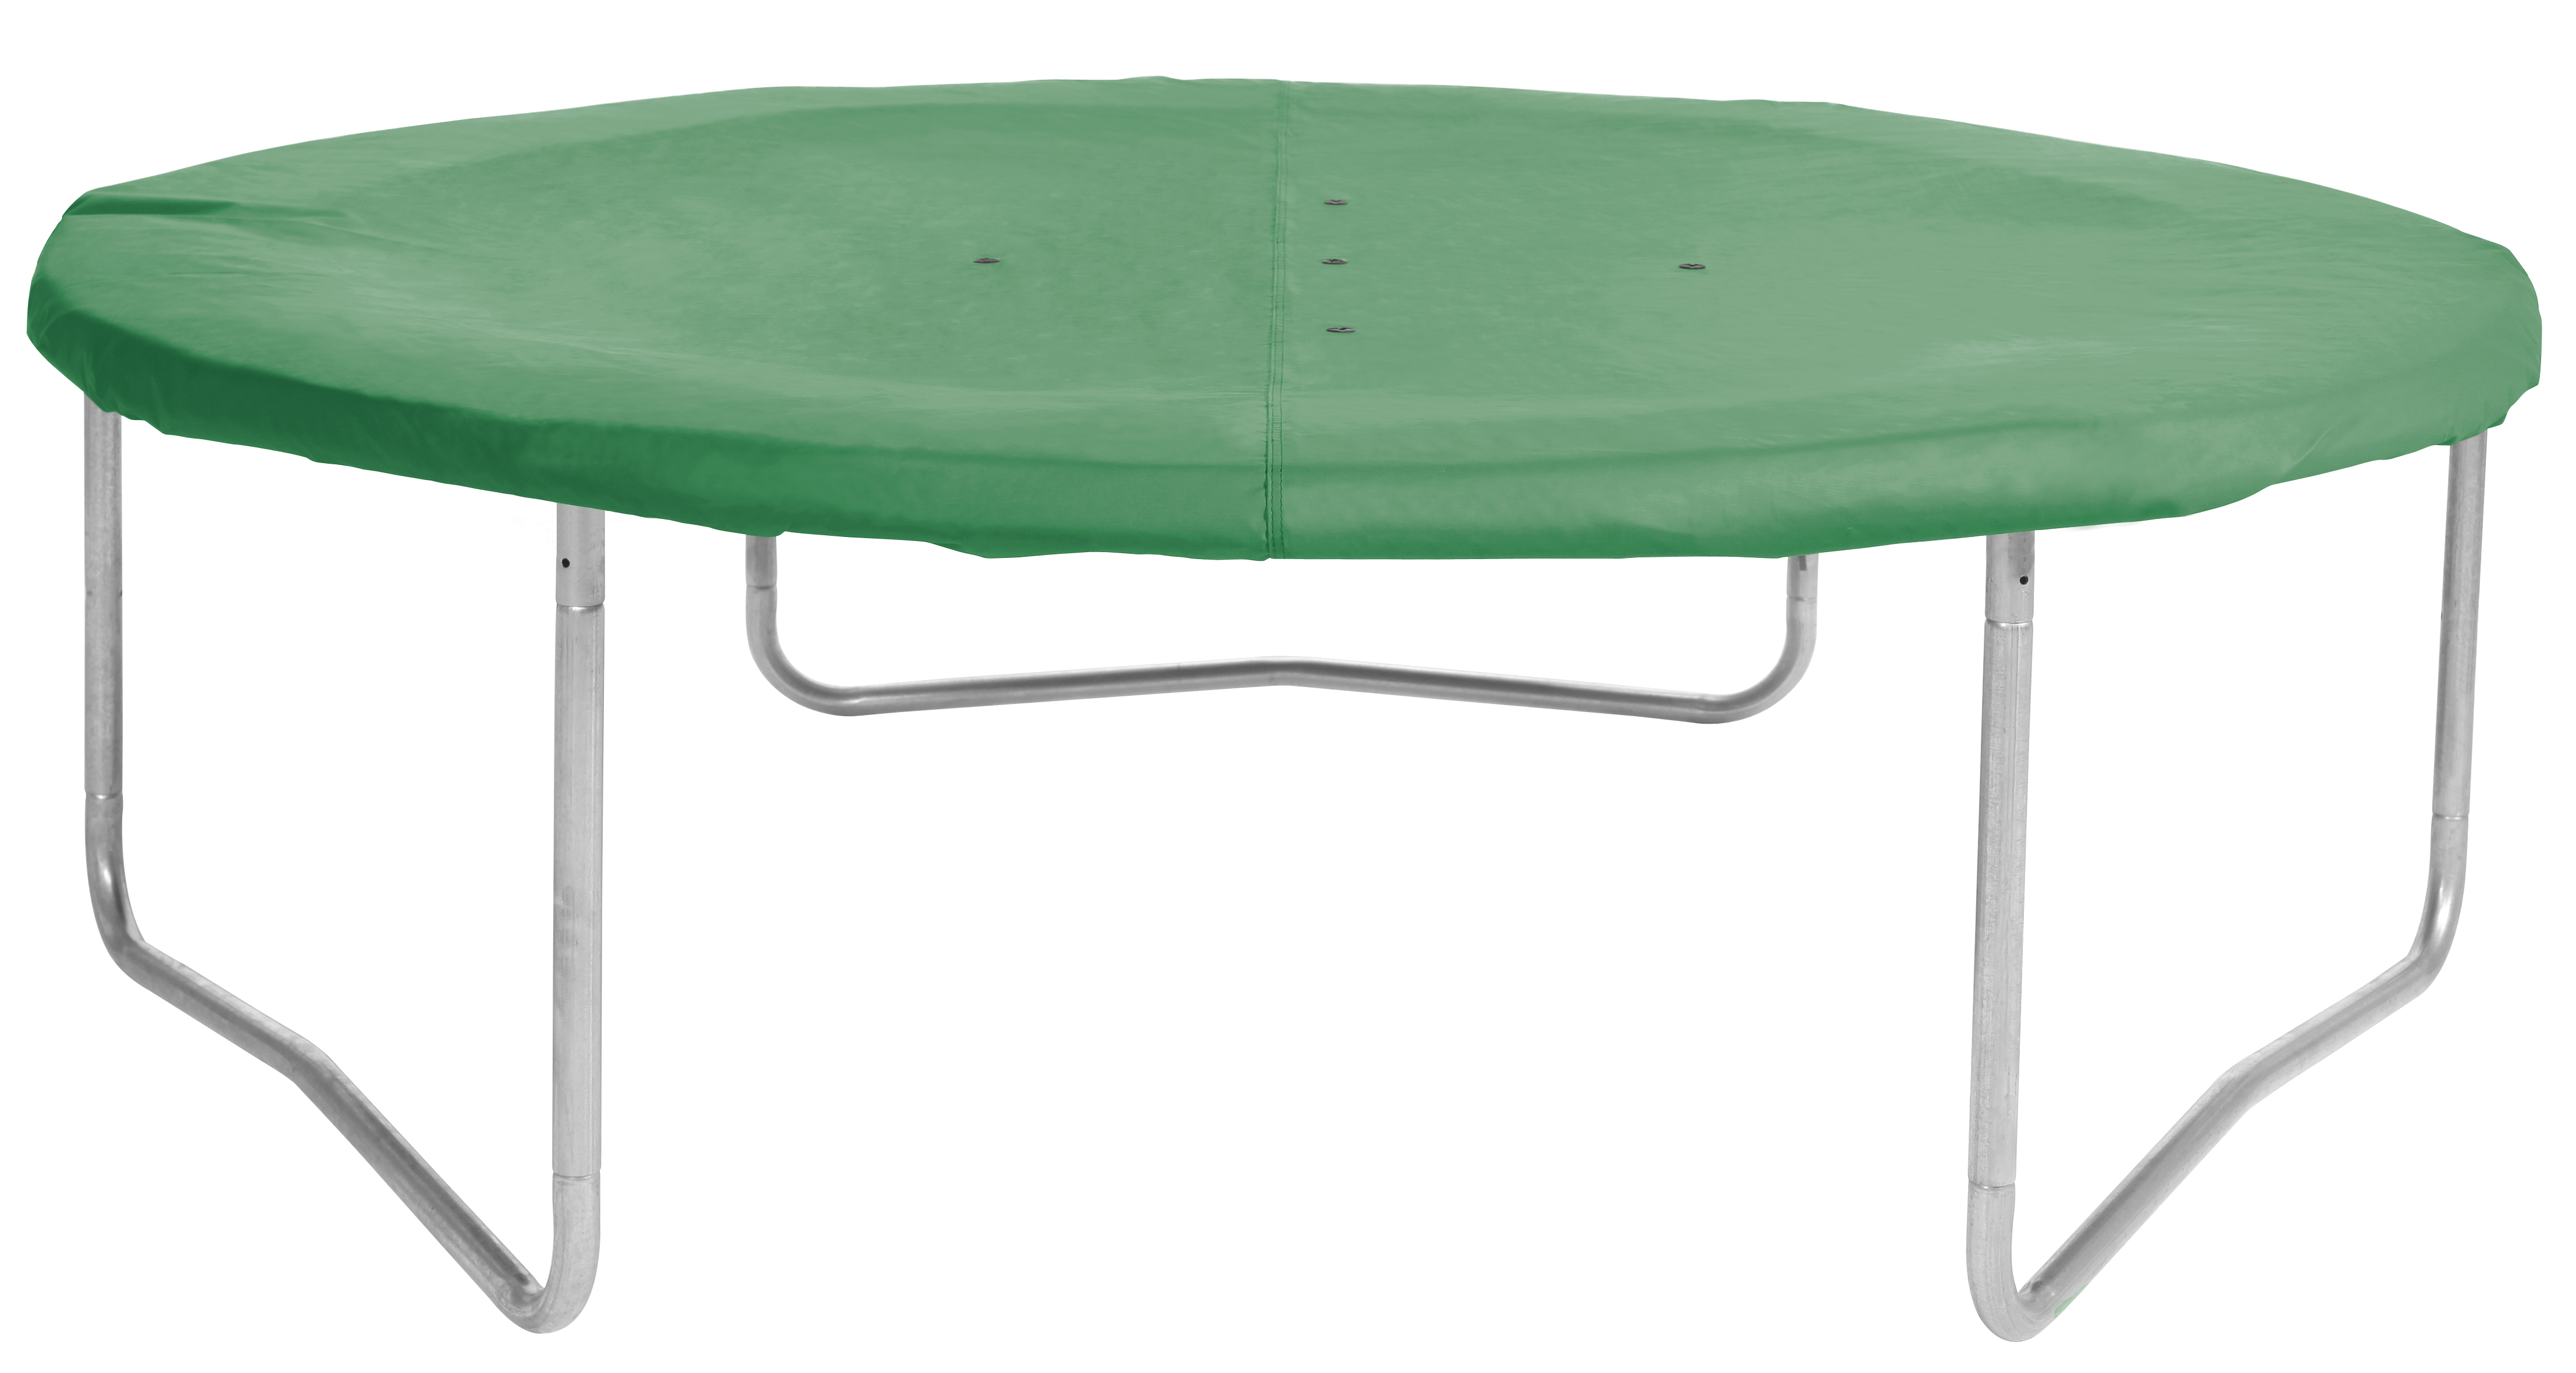 Salta 603 Trampoline Beschermhoes Groen 244cm